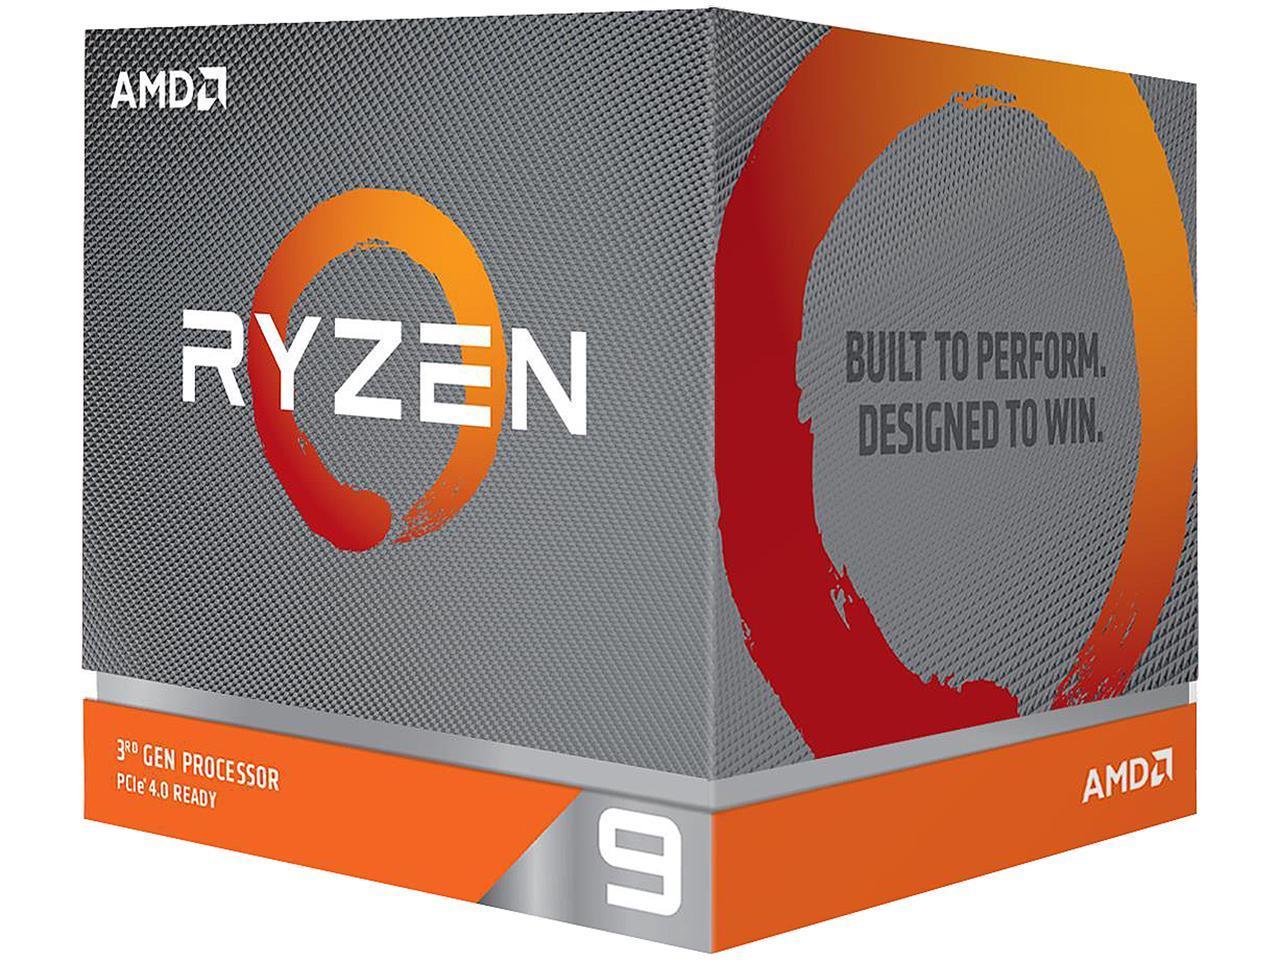 Unreleased 65W AMD Ryzen 9 3900X Processor